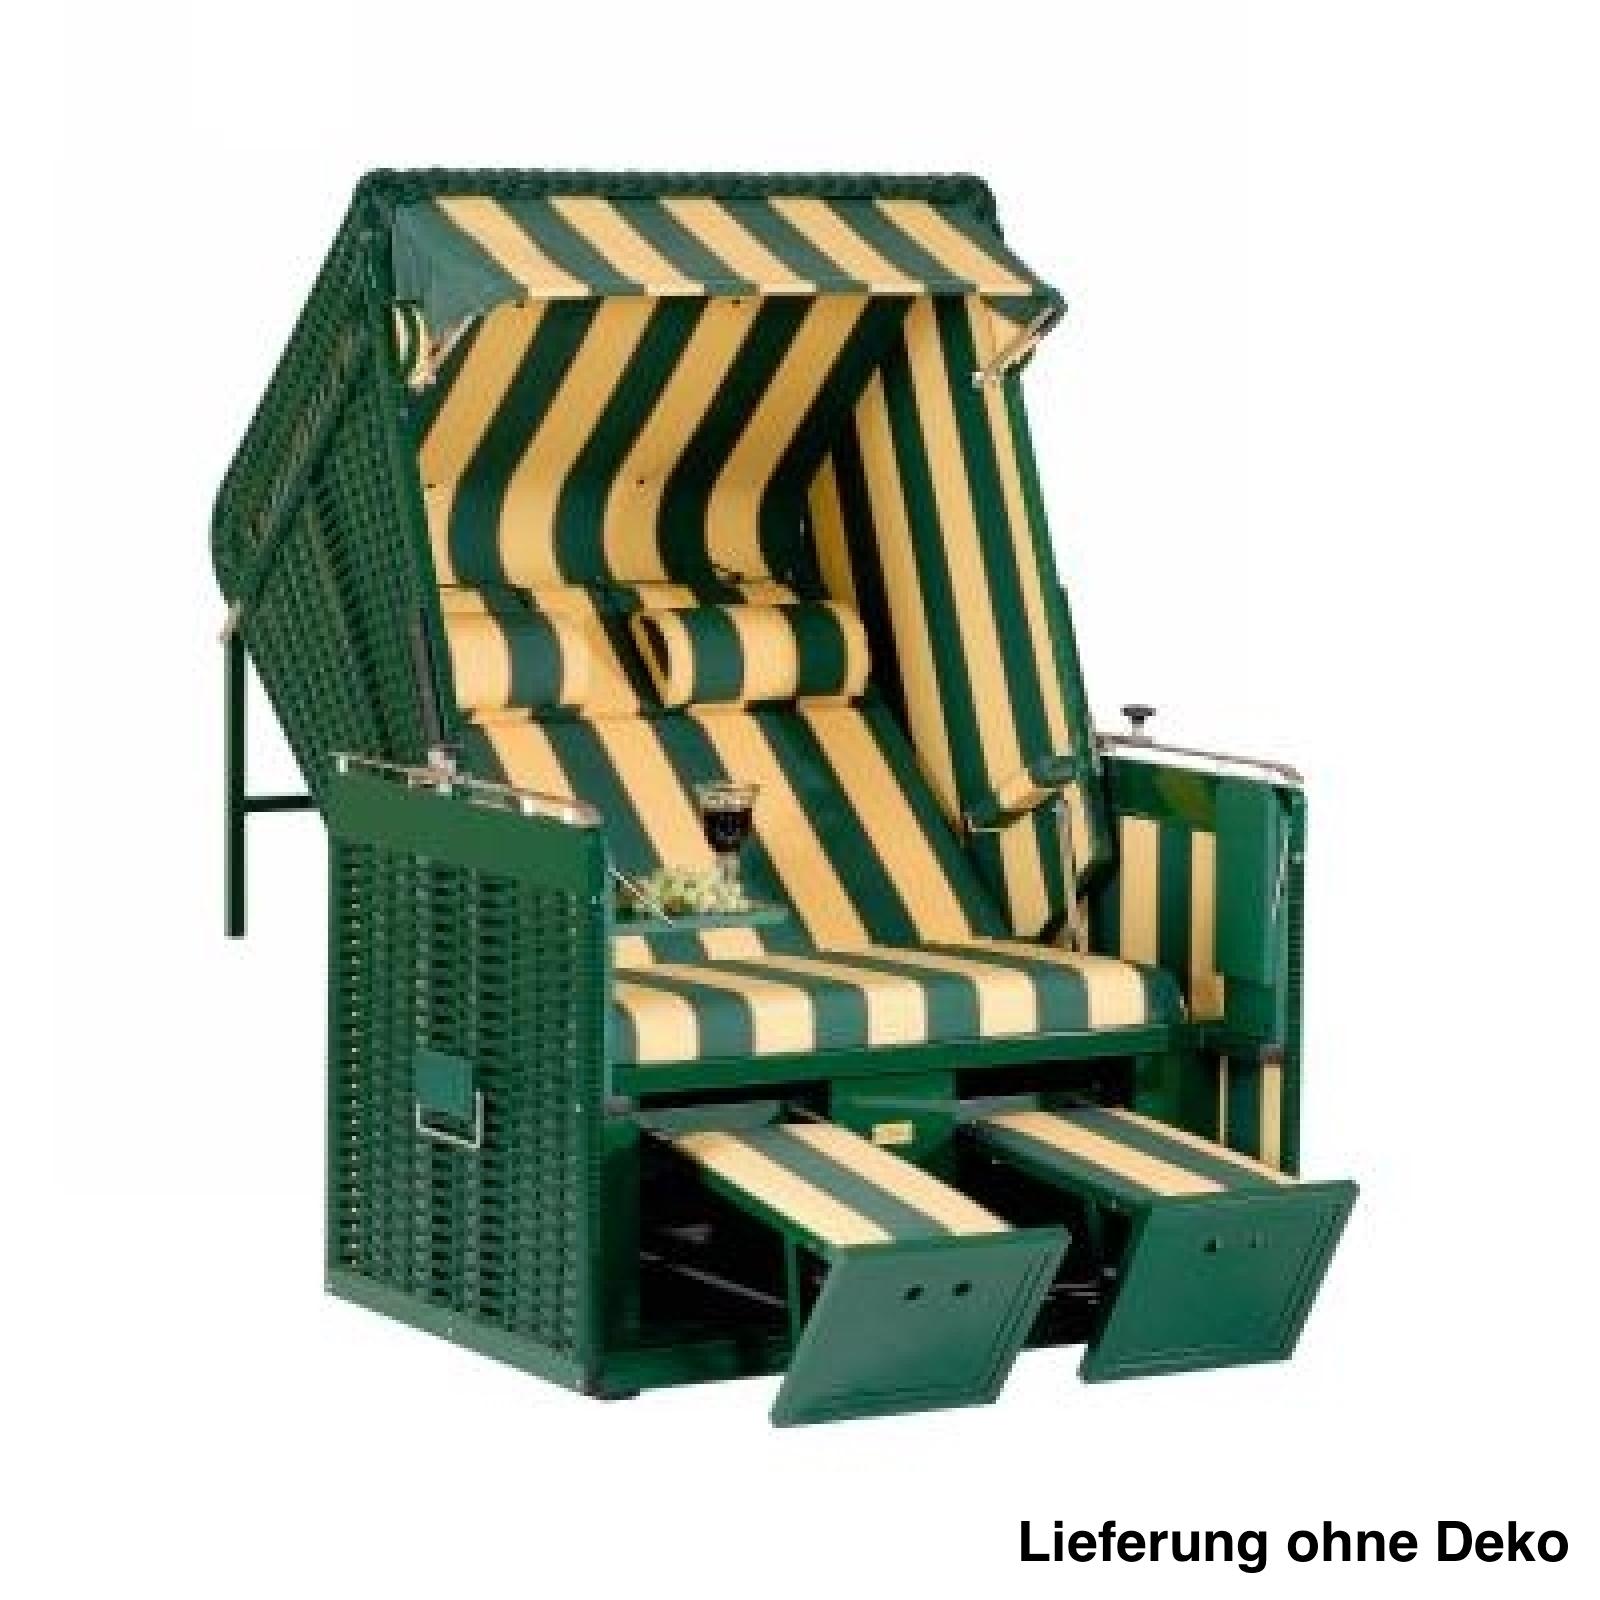 strandkorb gr n gelb rugbyclubeemland. Black Bedroom Furniture Sets. Home Design Ideas